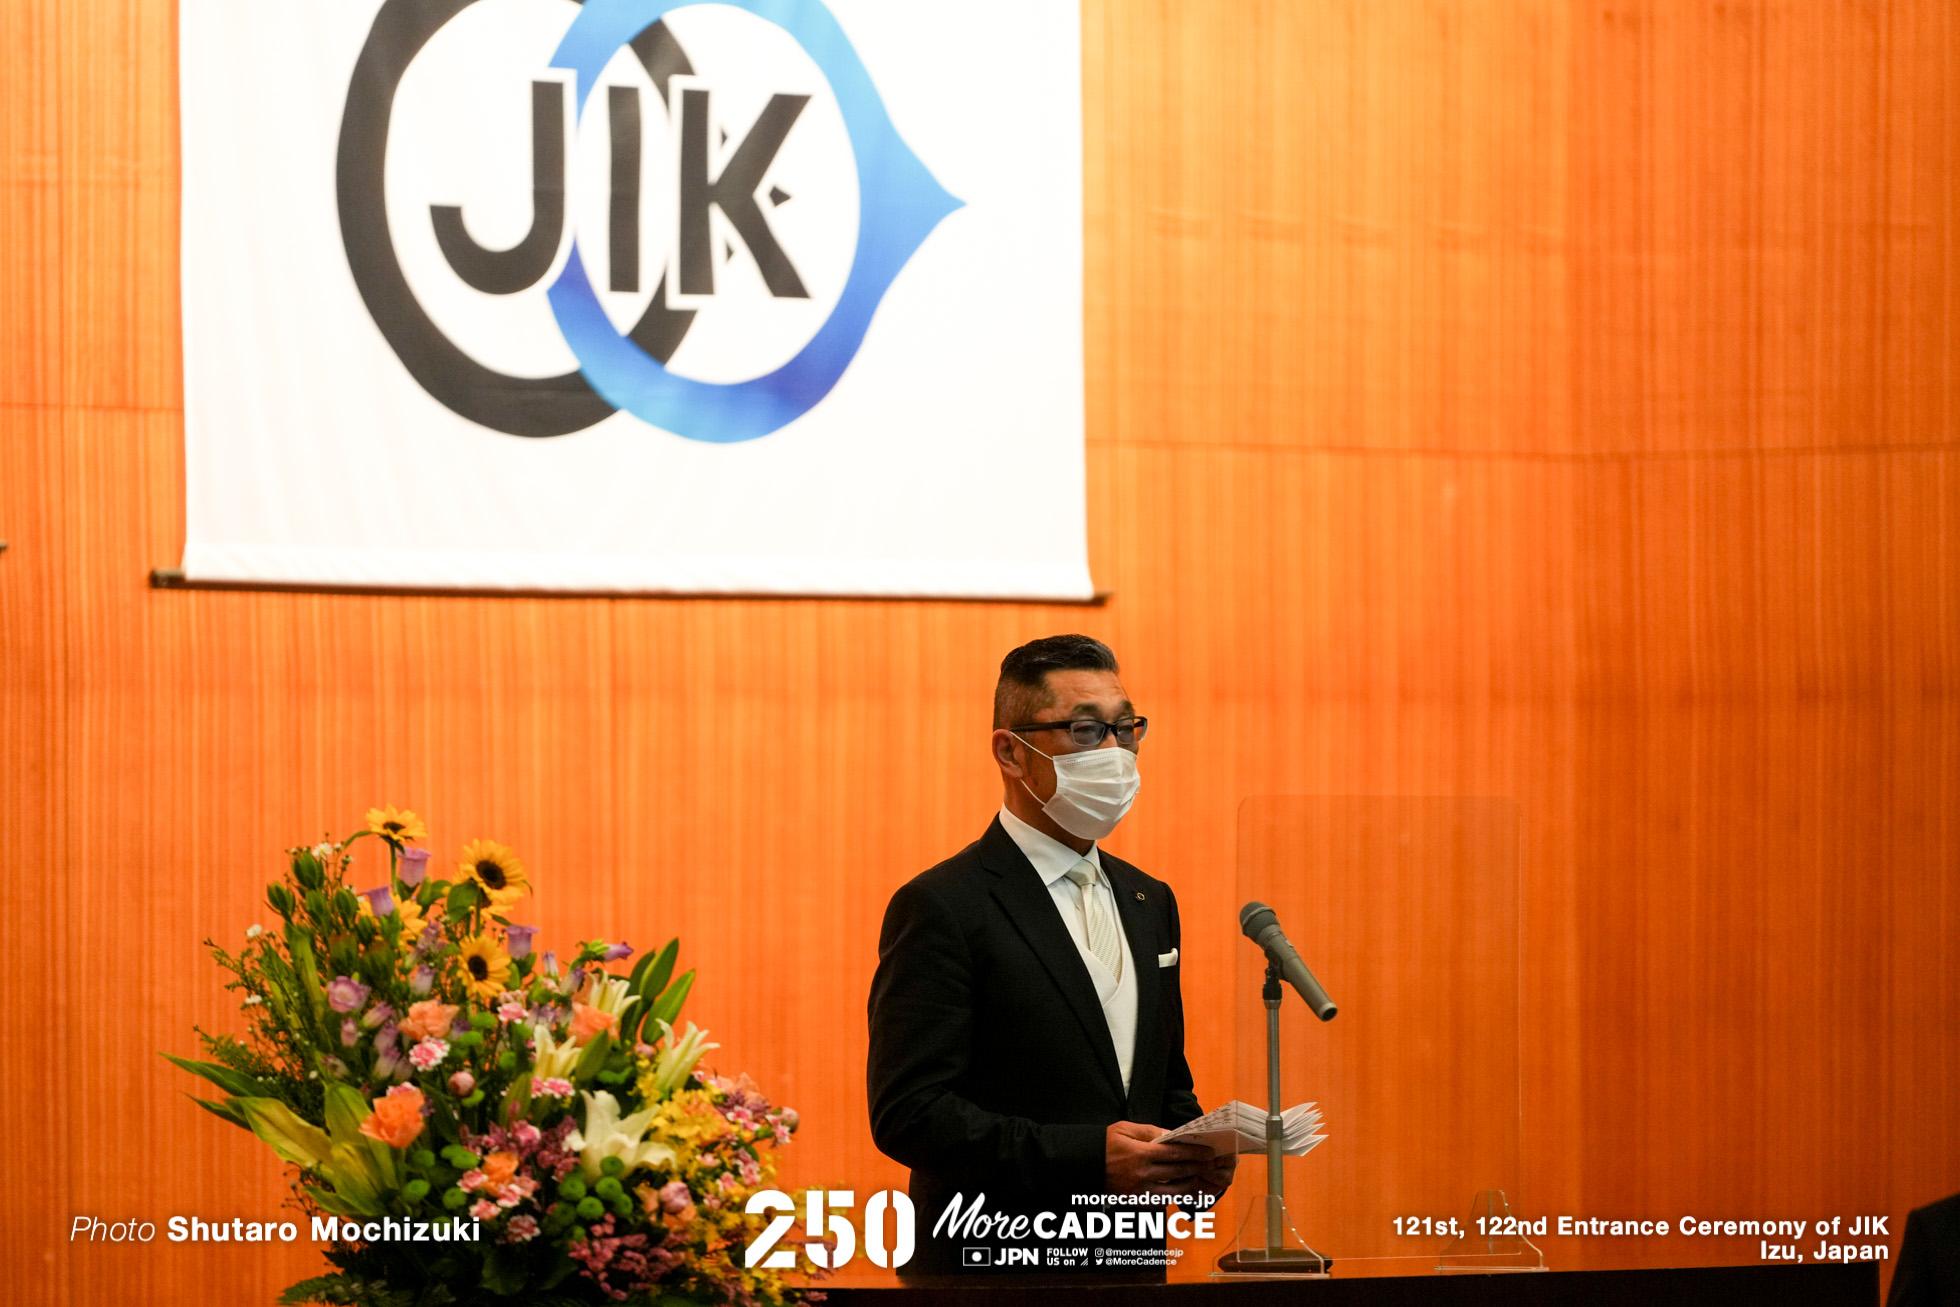 未来の競輪界を担う、W杯メダリスト近谷涼ら90人が入所/日本競輪選手養成所 (JIK)第121・122回生入所式